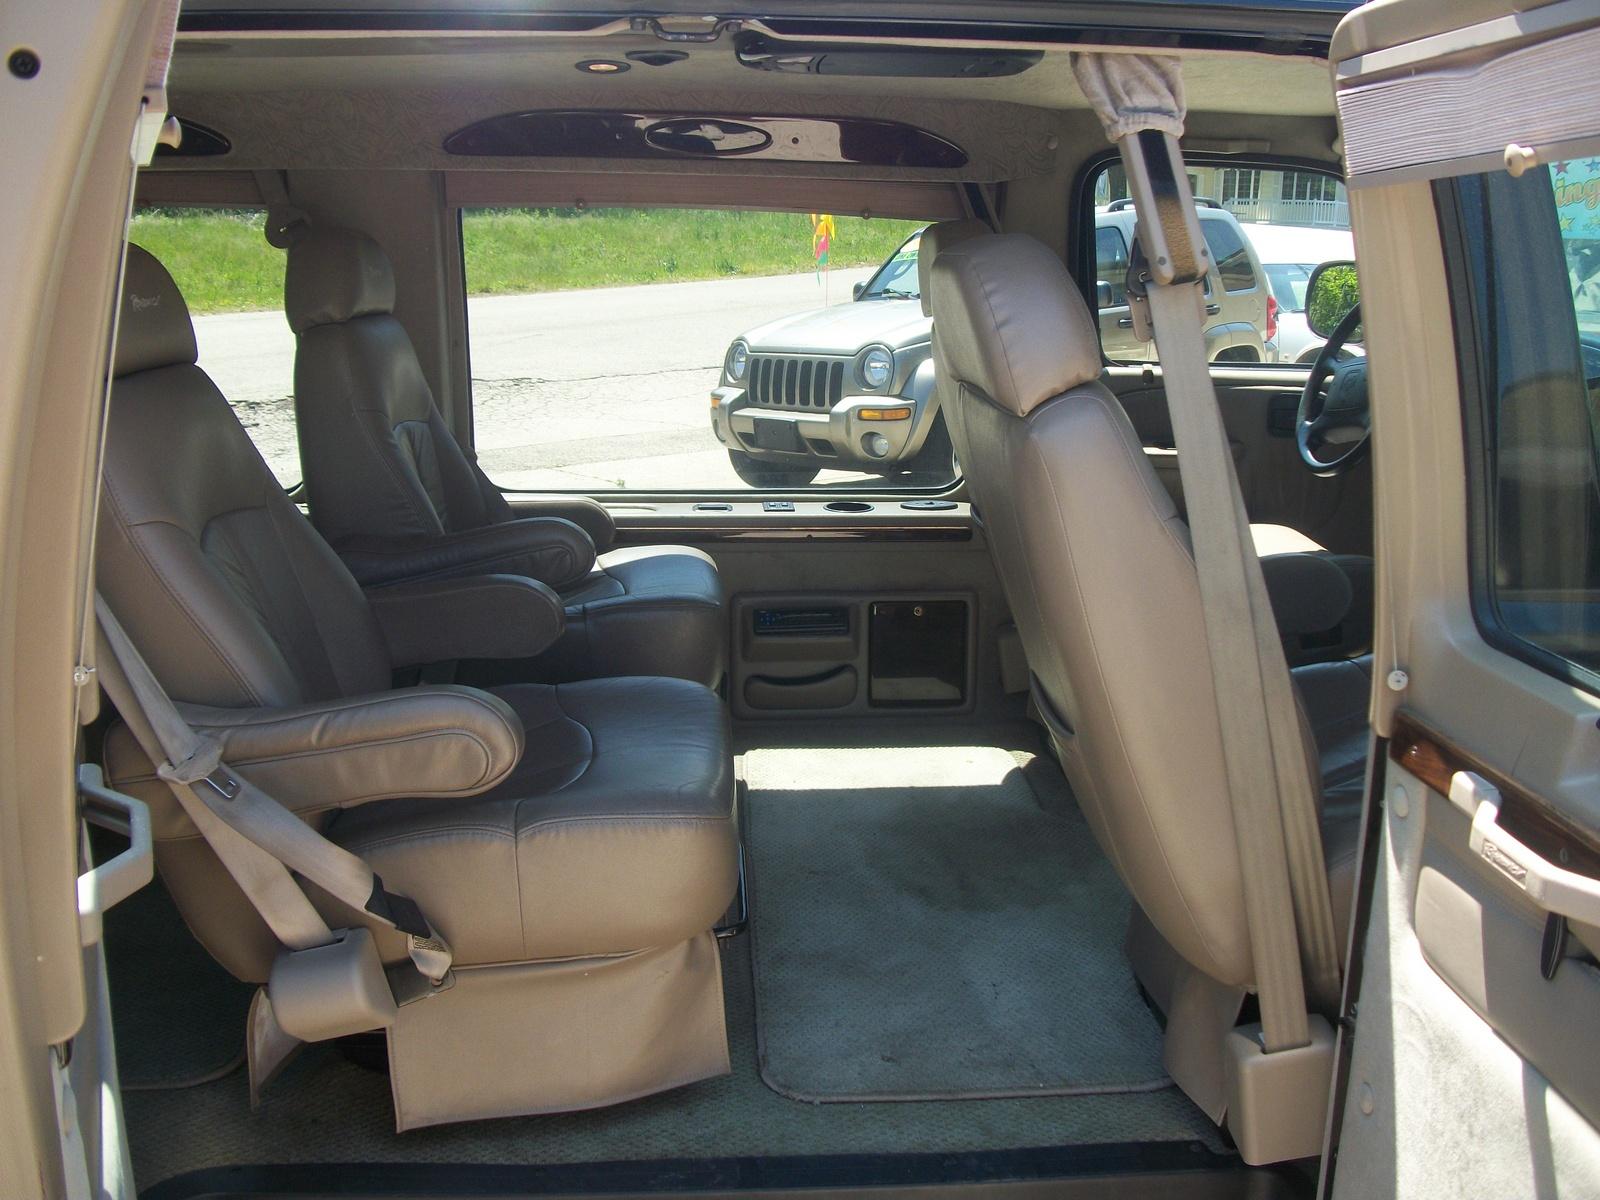 2002 Dodge Ram Wagon Interior Pictures Cargurus